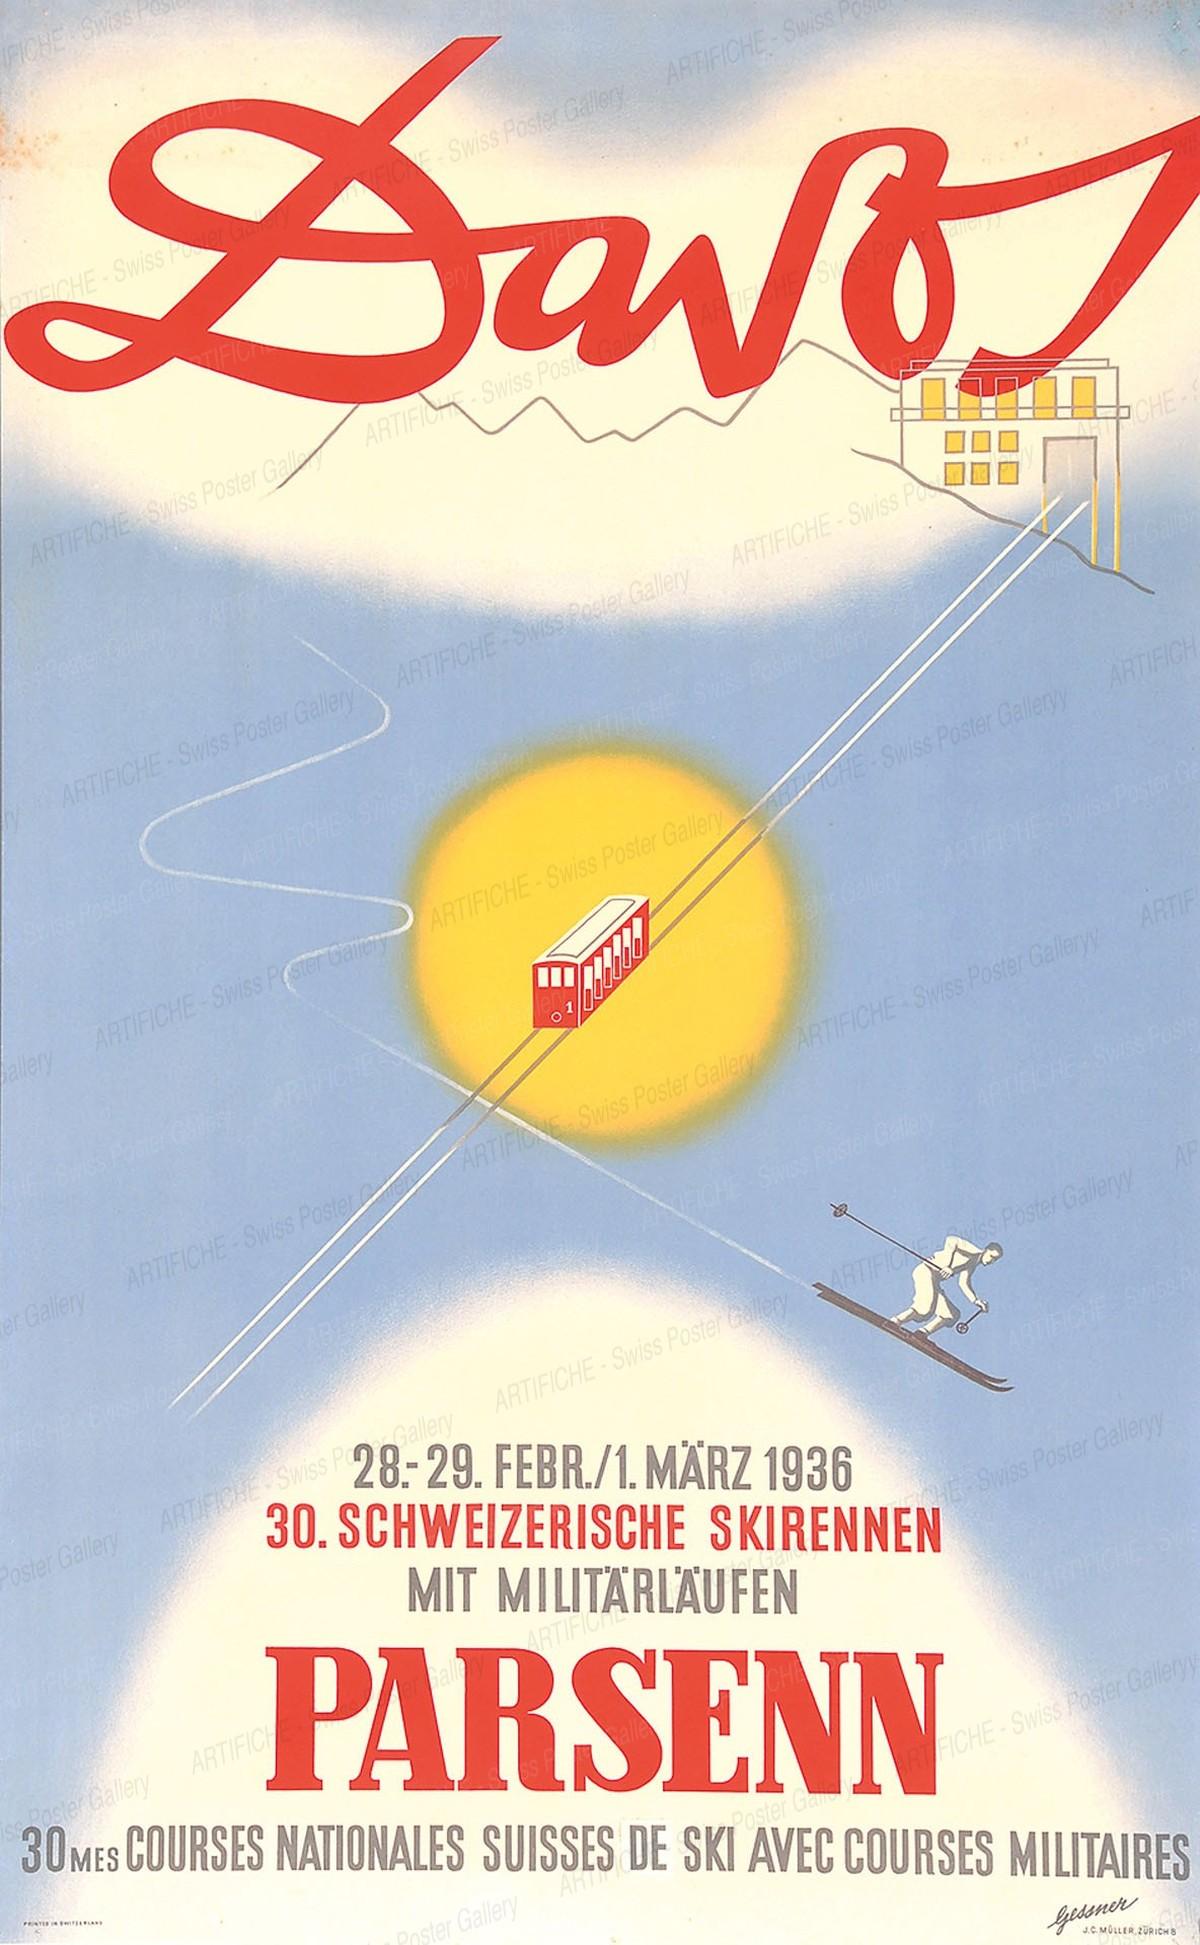 DAVOS Parsenn – 28. – 29. Februar / 1. März 1936 – 30. Schweizerische Skirennen mit Militärläufen, Robert Salomon Gessner